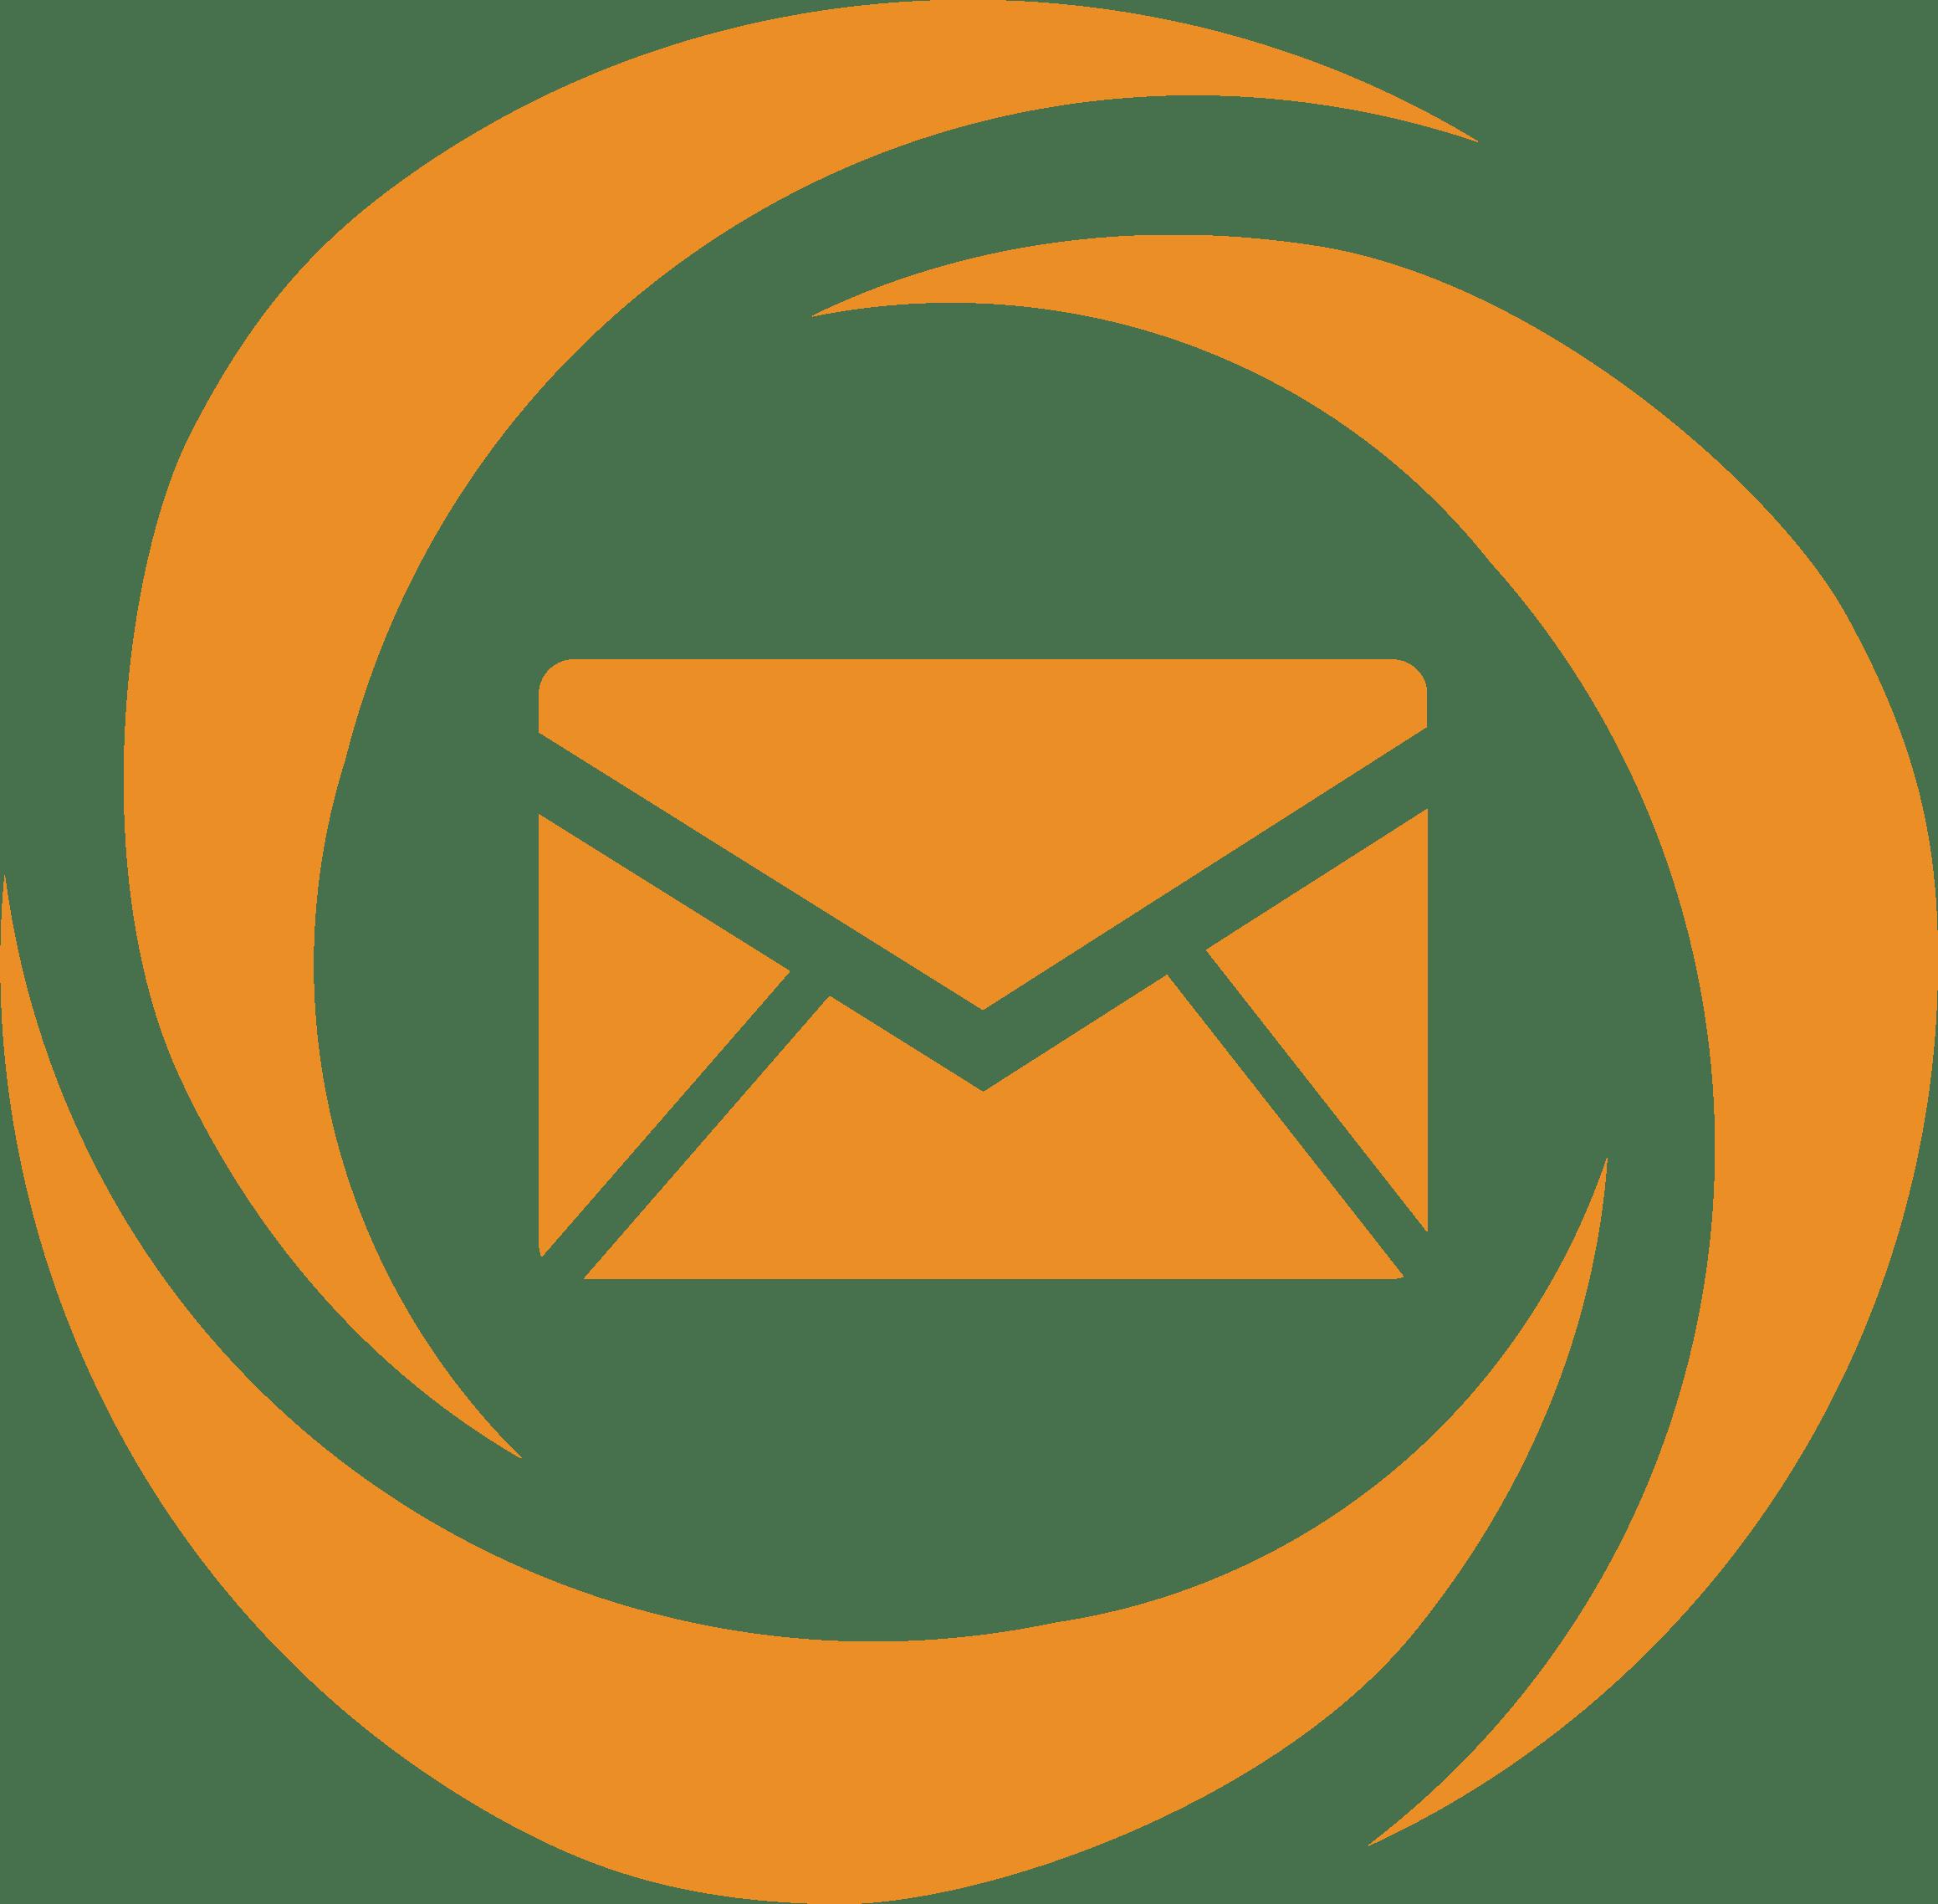 Cybermail logo